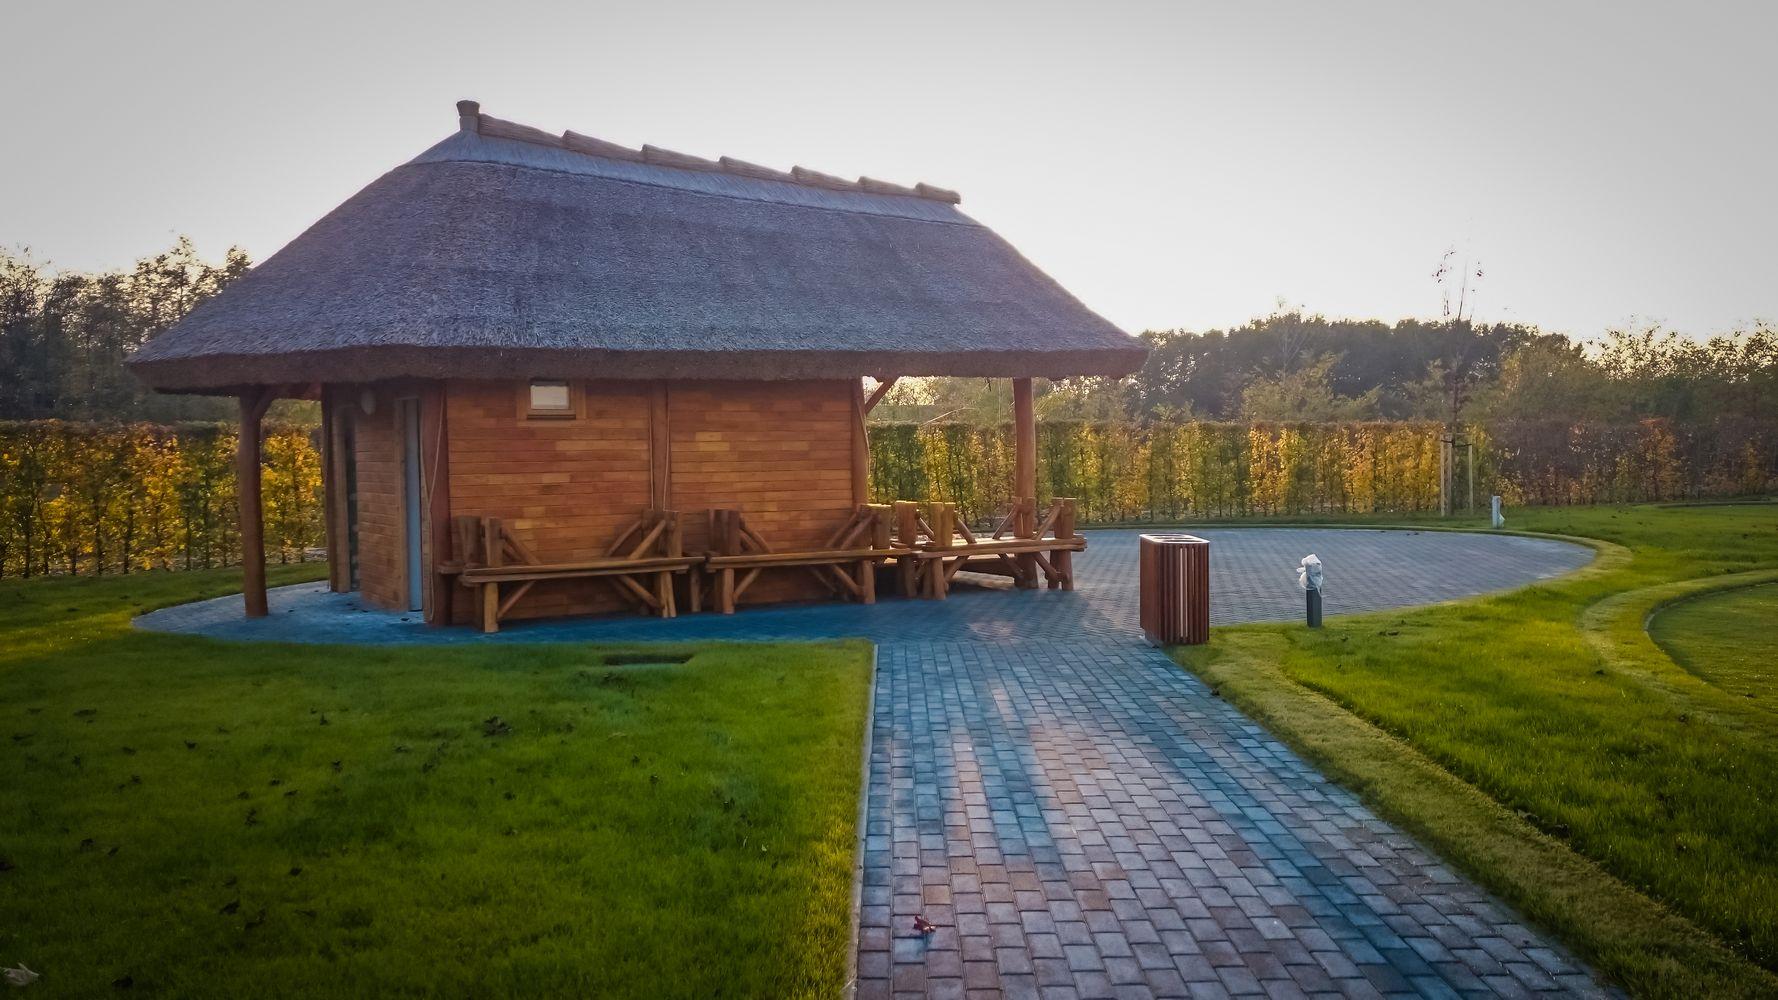 Altánok so slamenou strechou - Šamorín